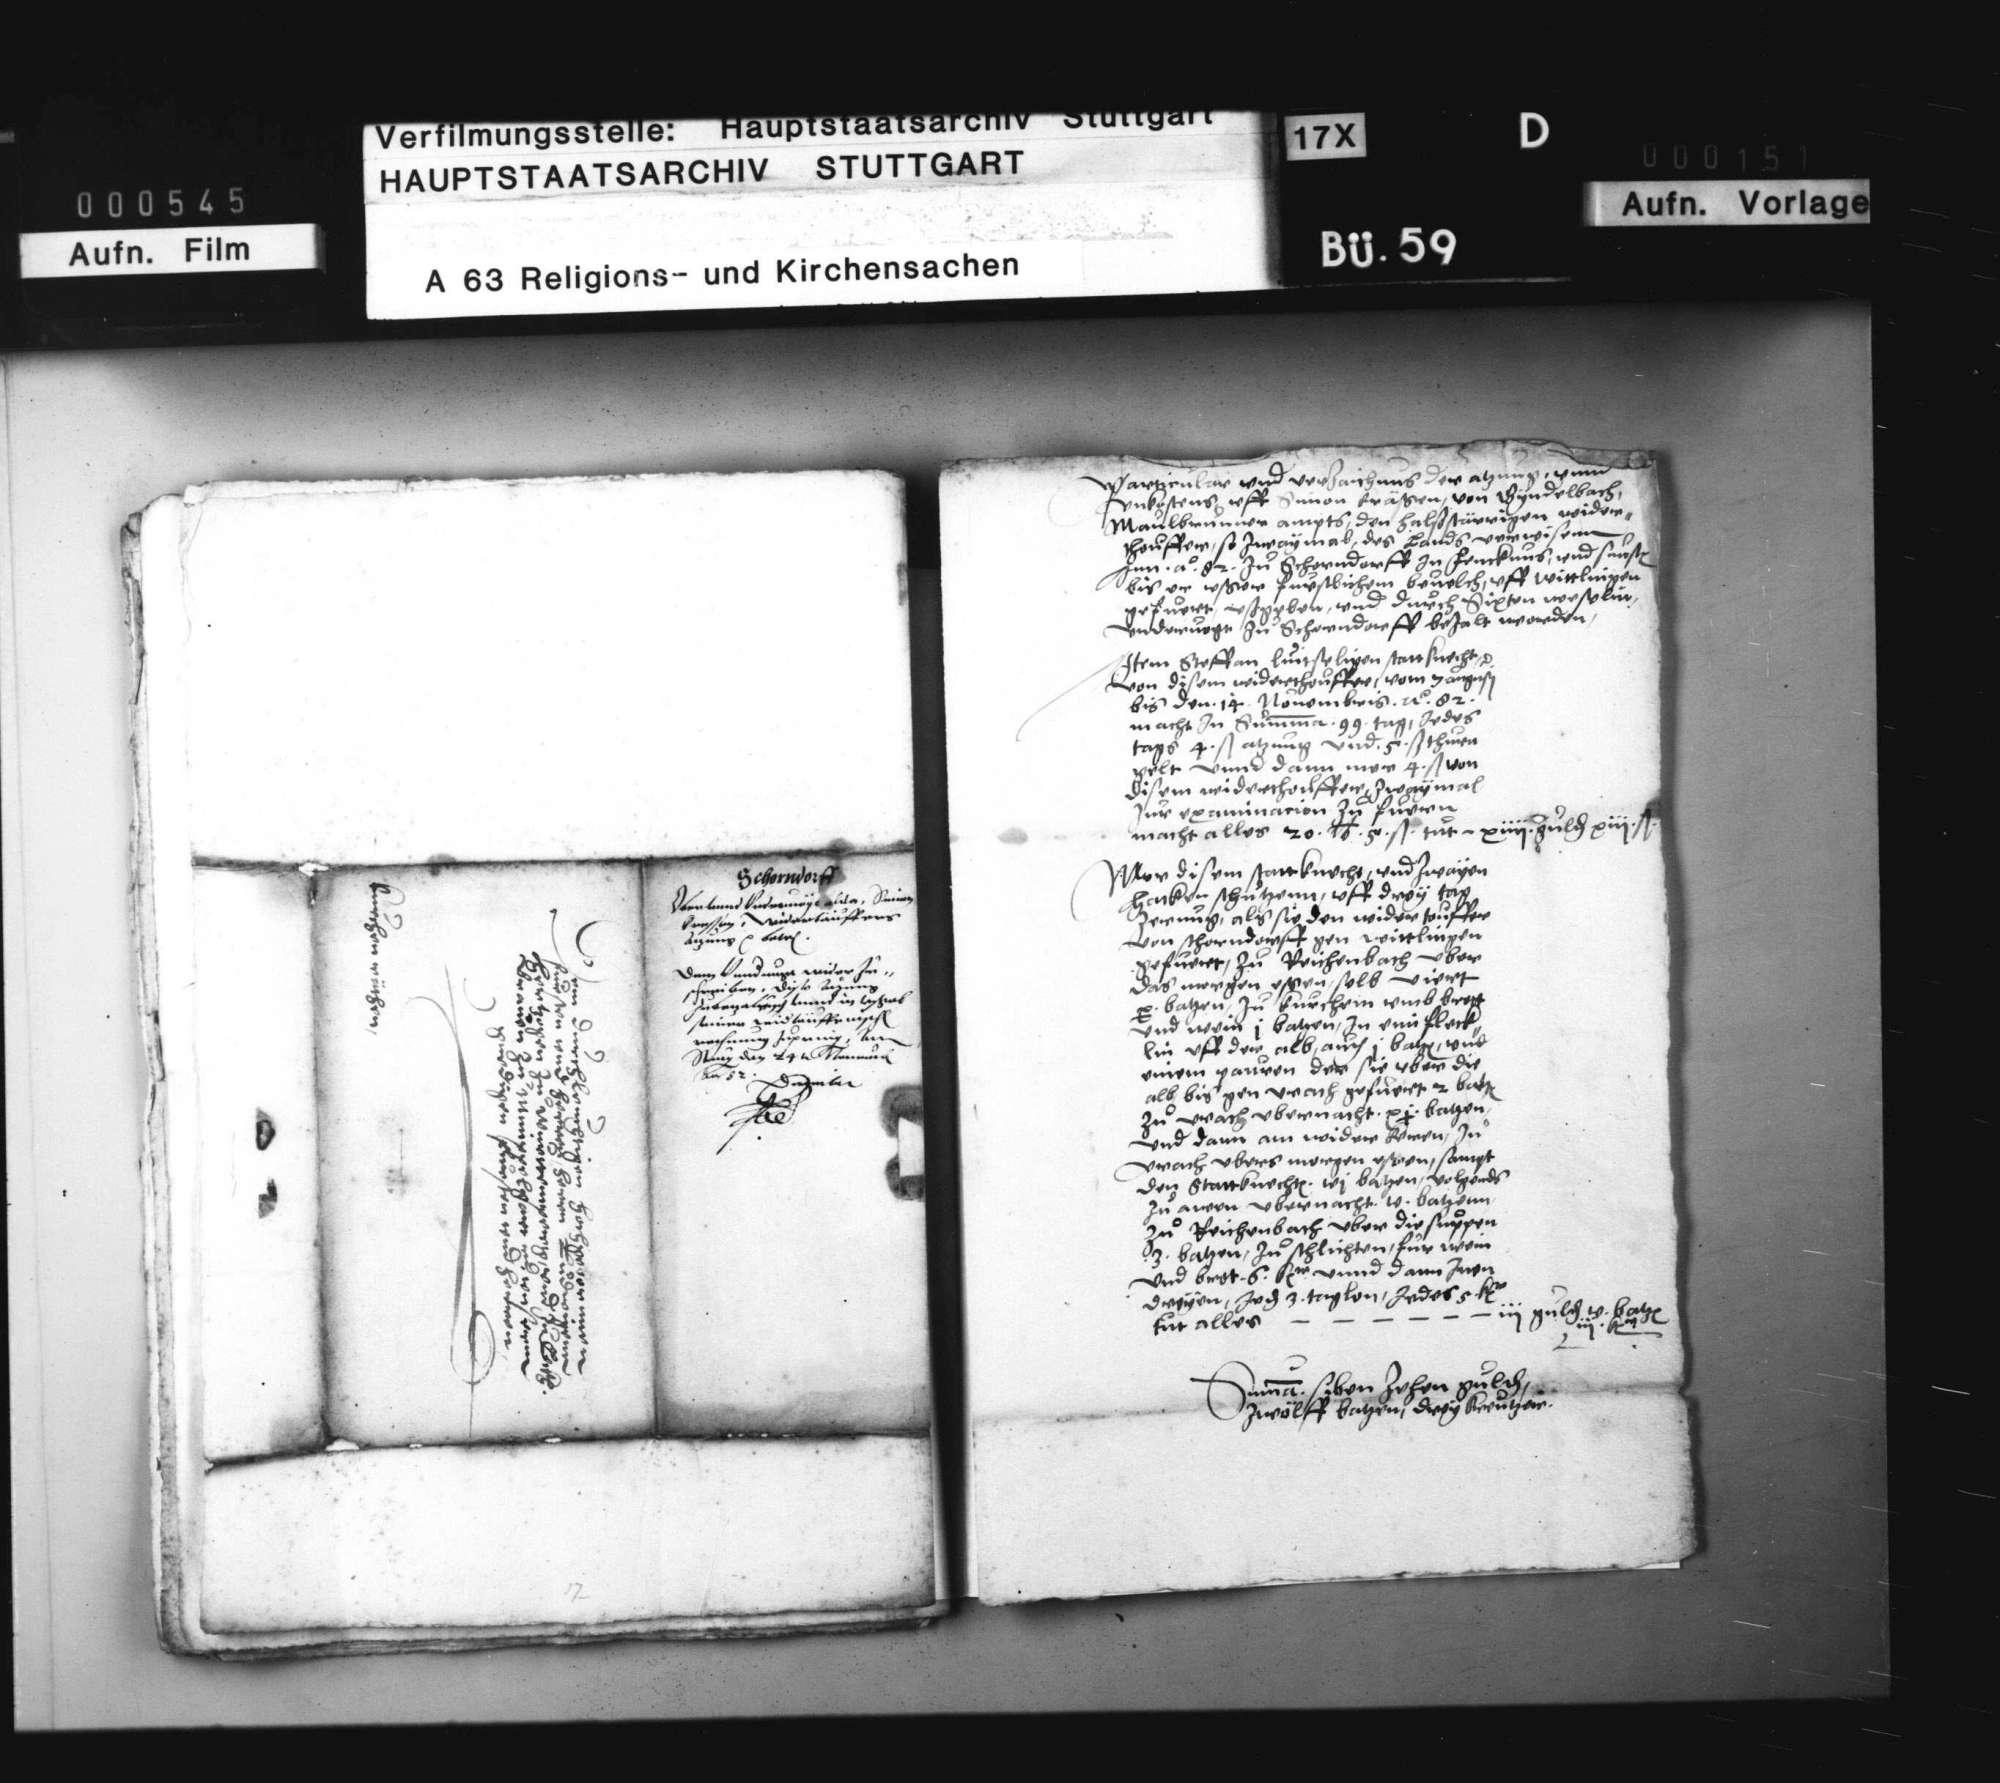 2 Schriftstücke, betreffend die Zuordnung der Kosten für den Transport eines Wiedertäufers nach Wittlingen., Bild 2